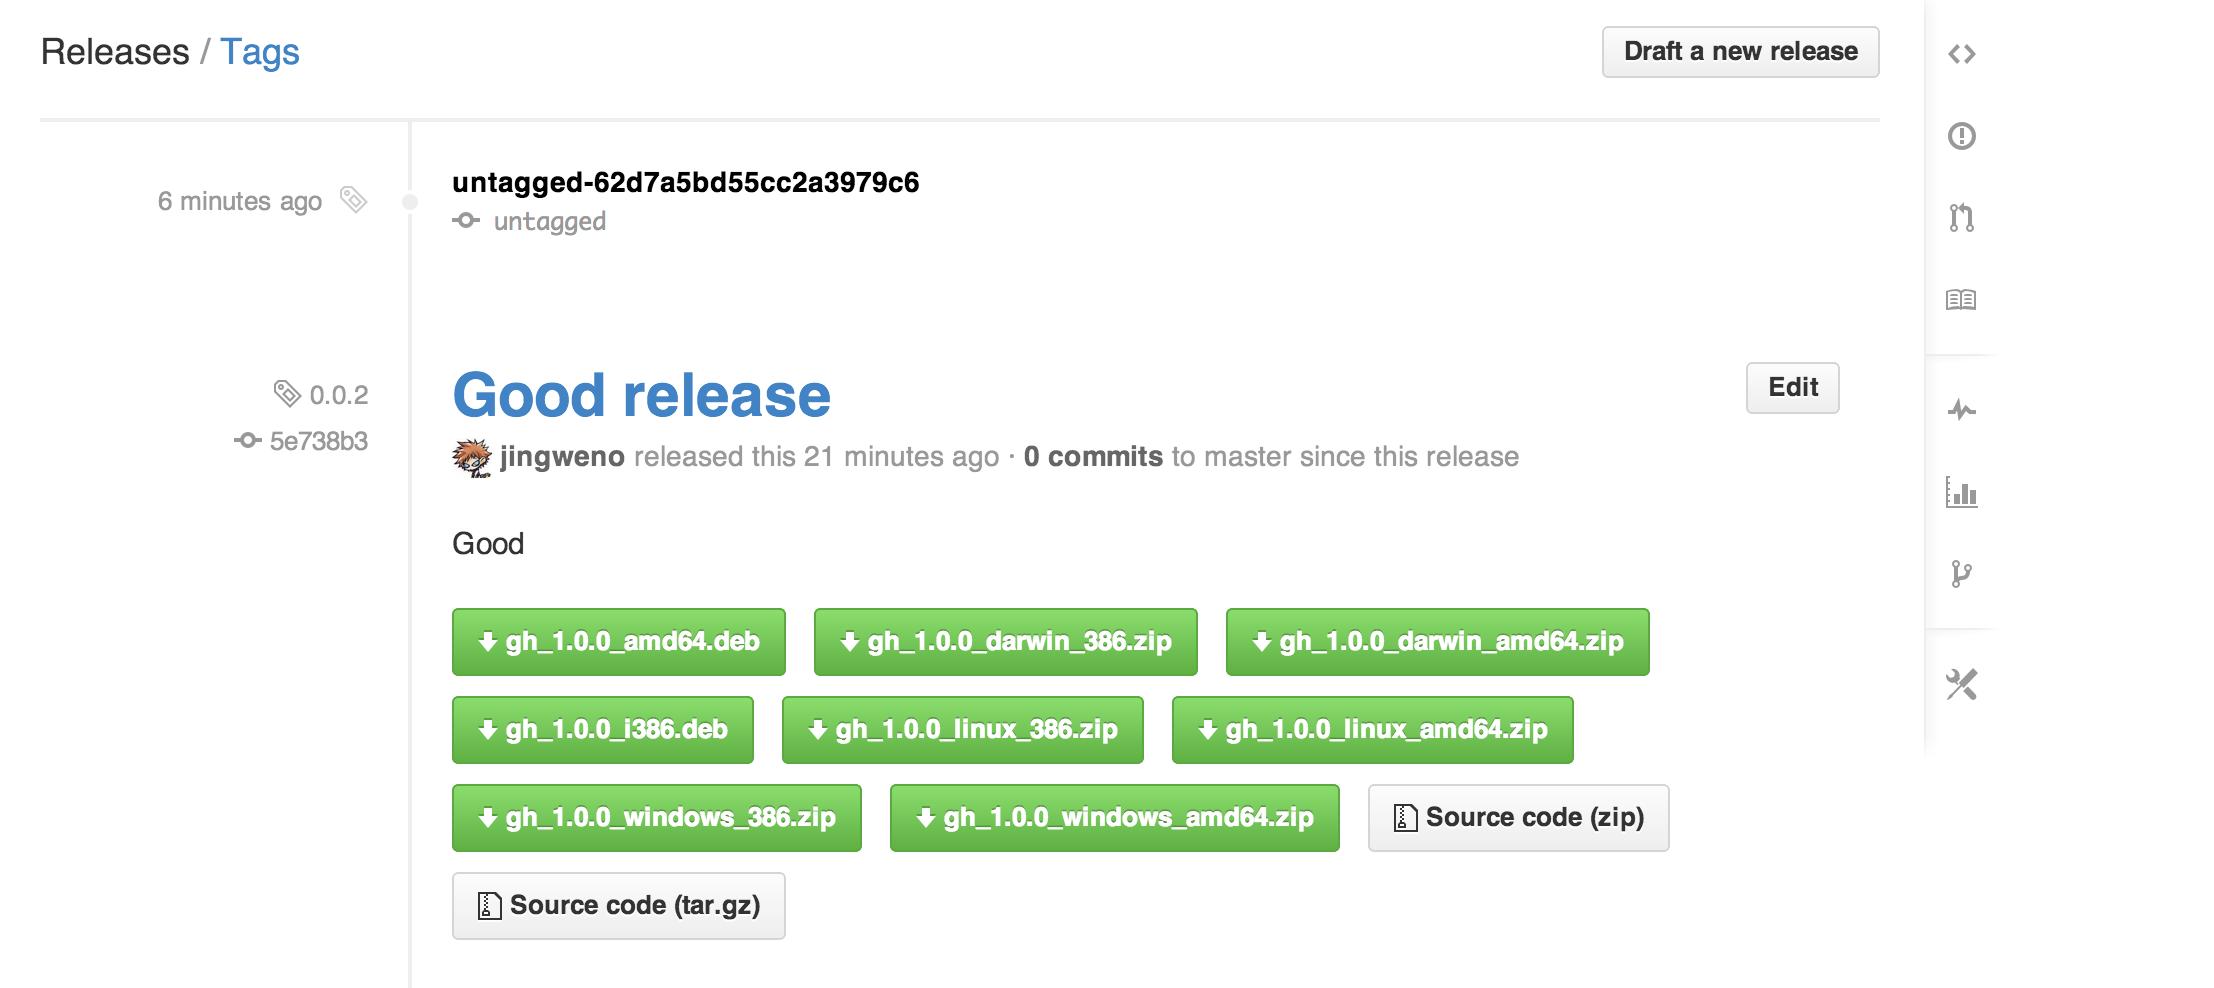 screen shot 2013-12-23 at 2 53 38 pm